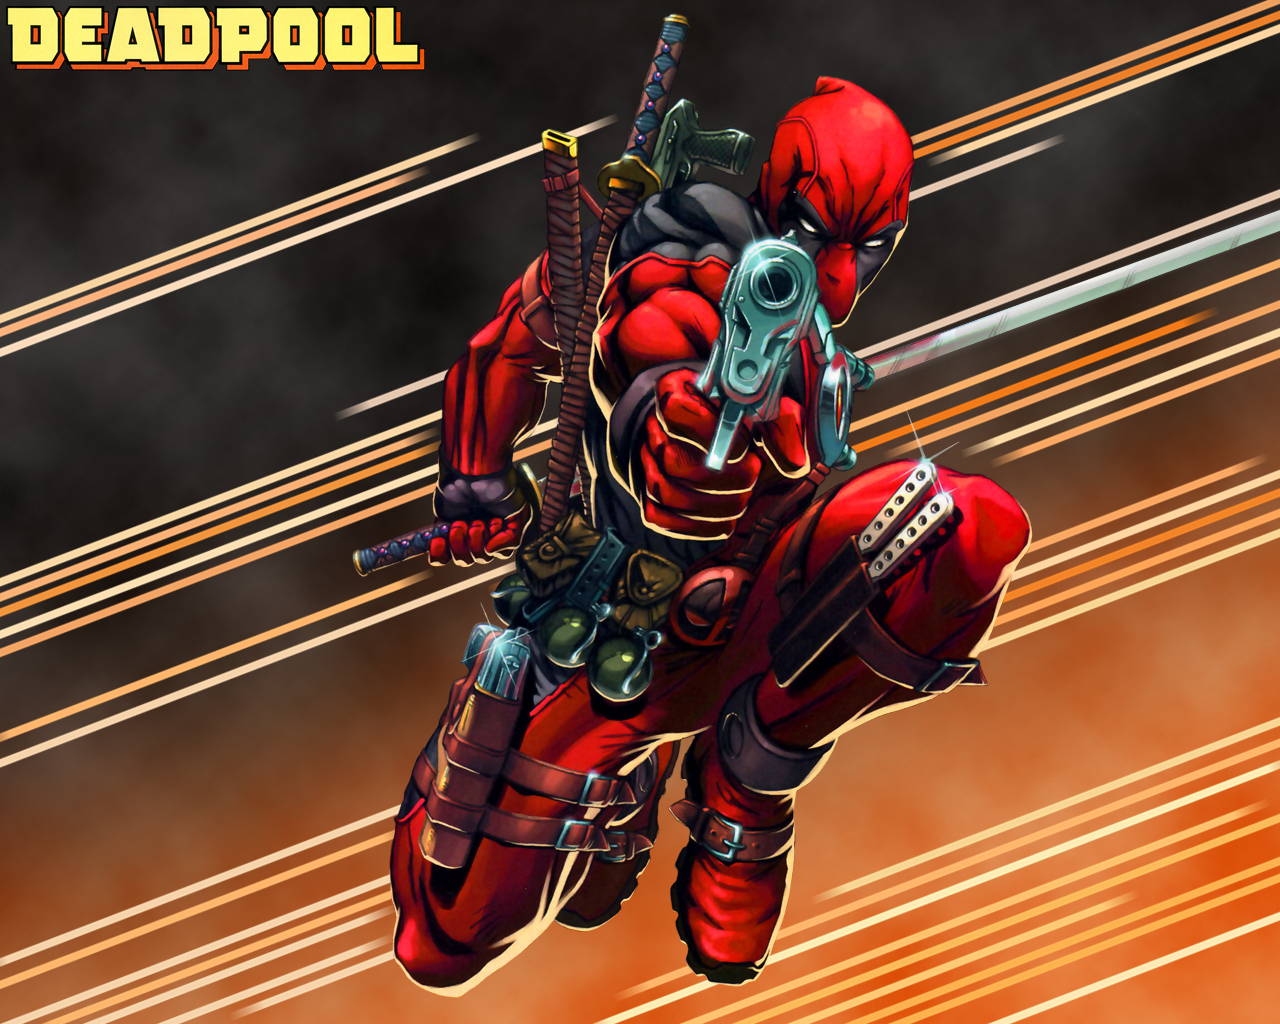 Deadpool Deadpool 1280x1024